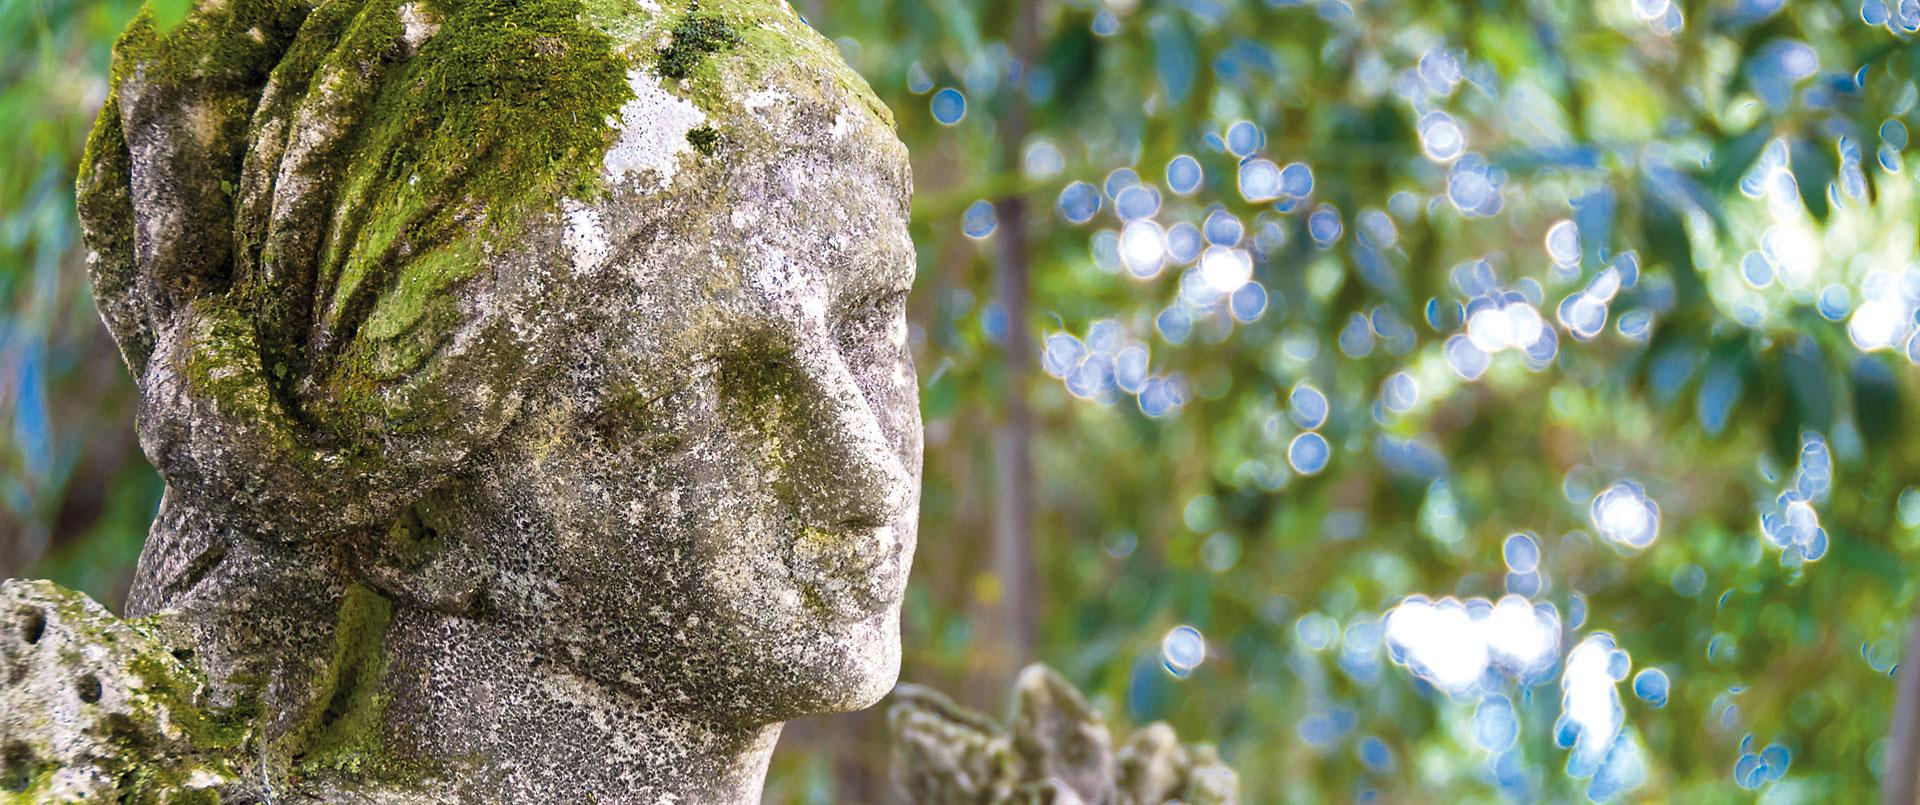 Statua nel giardino della Casa Museo Lodovico Pogliaghi - Sacromonte, Varese